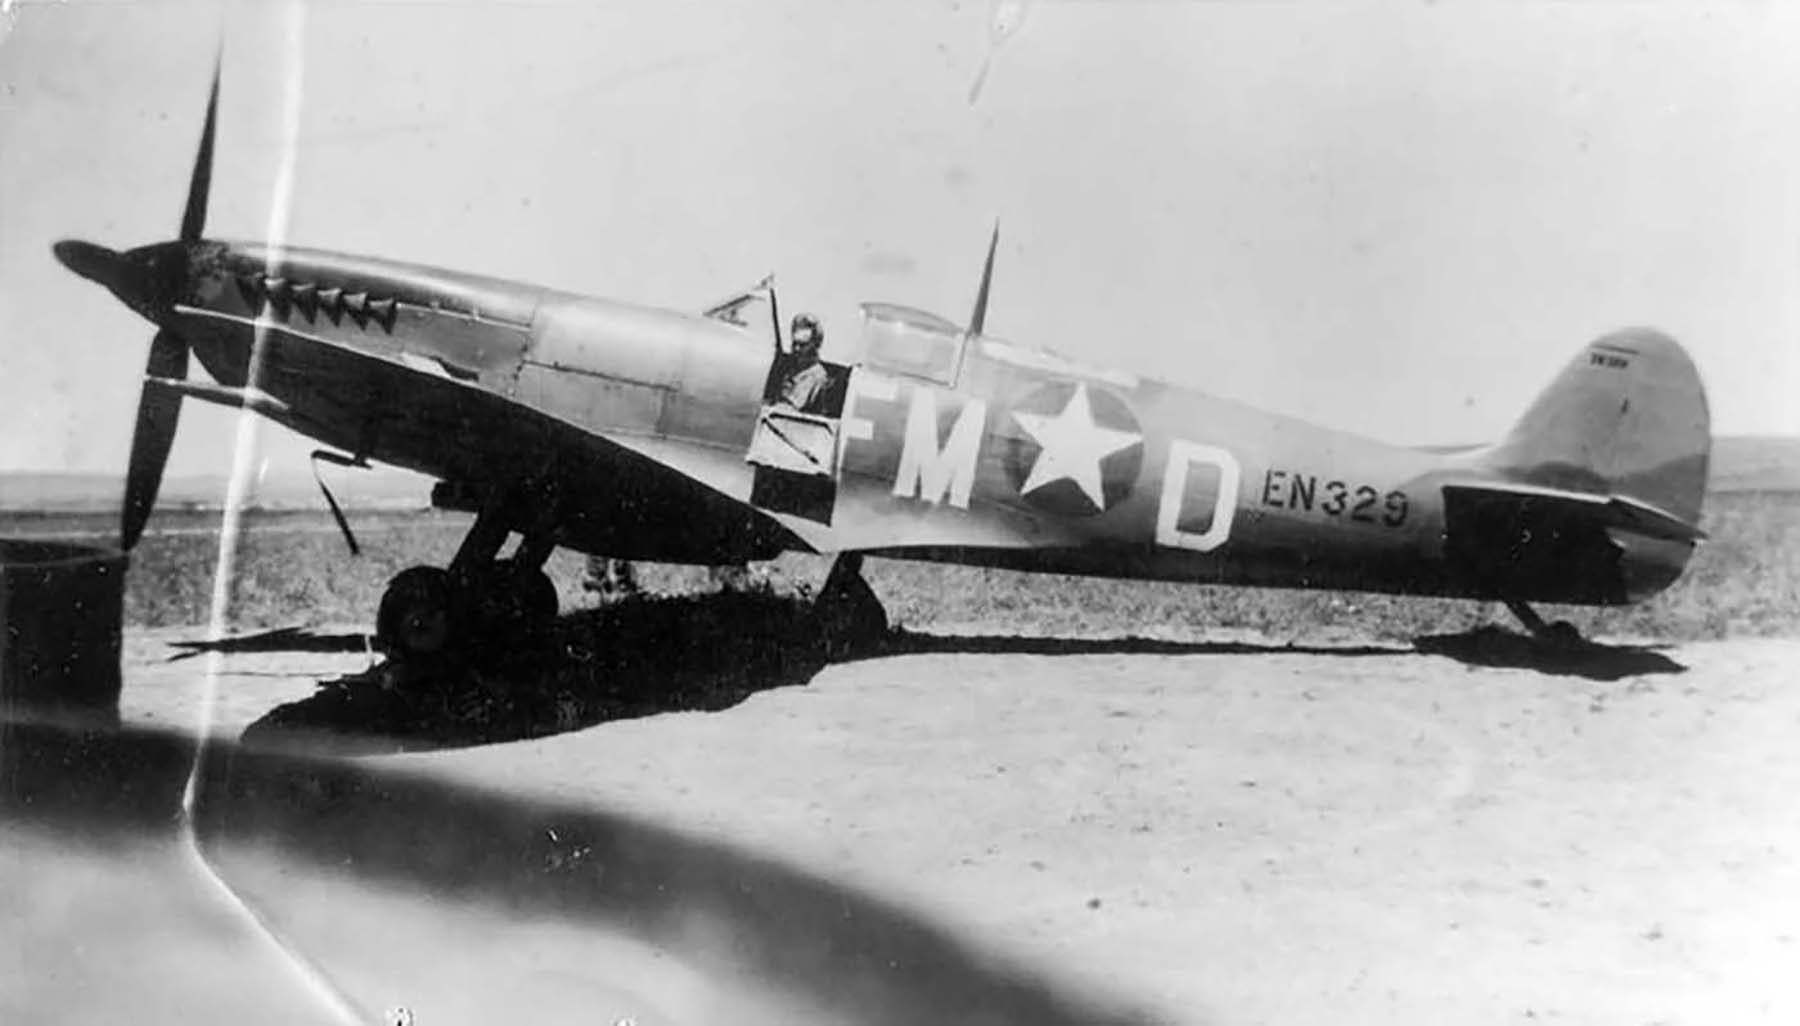 Spitfire MkIXc USAAF FMD EN329 1943 01